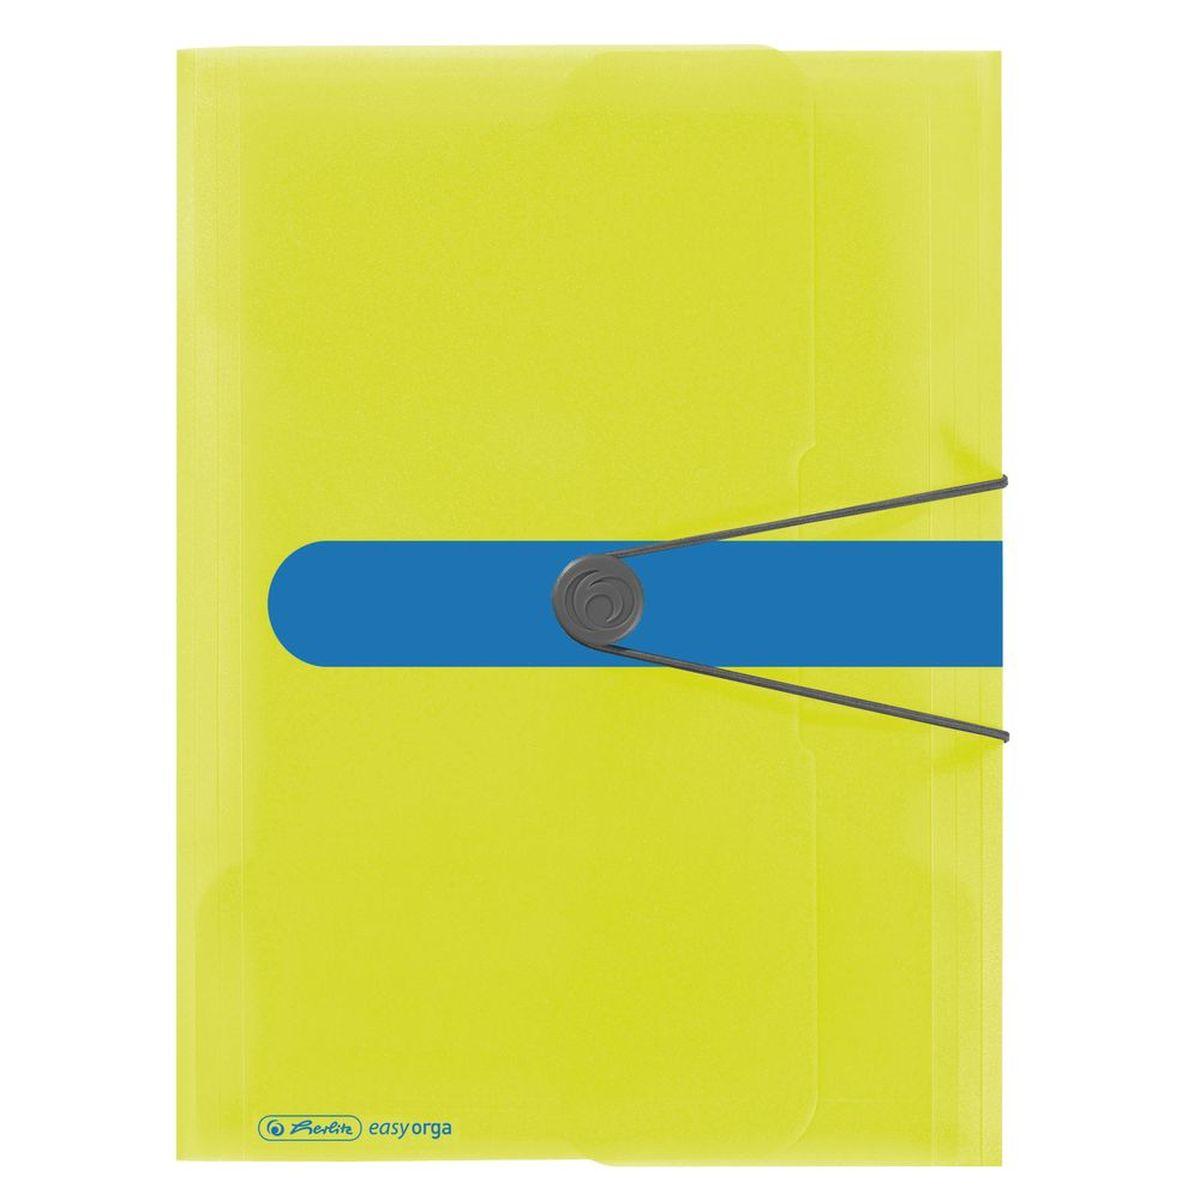 Herlitz Папка Easy Orga цвет лимонный - Папки